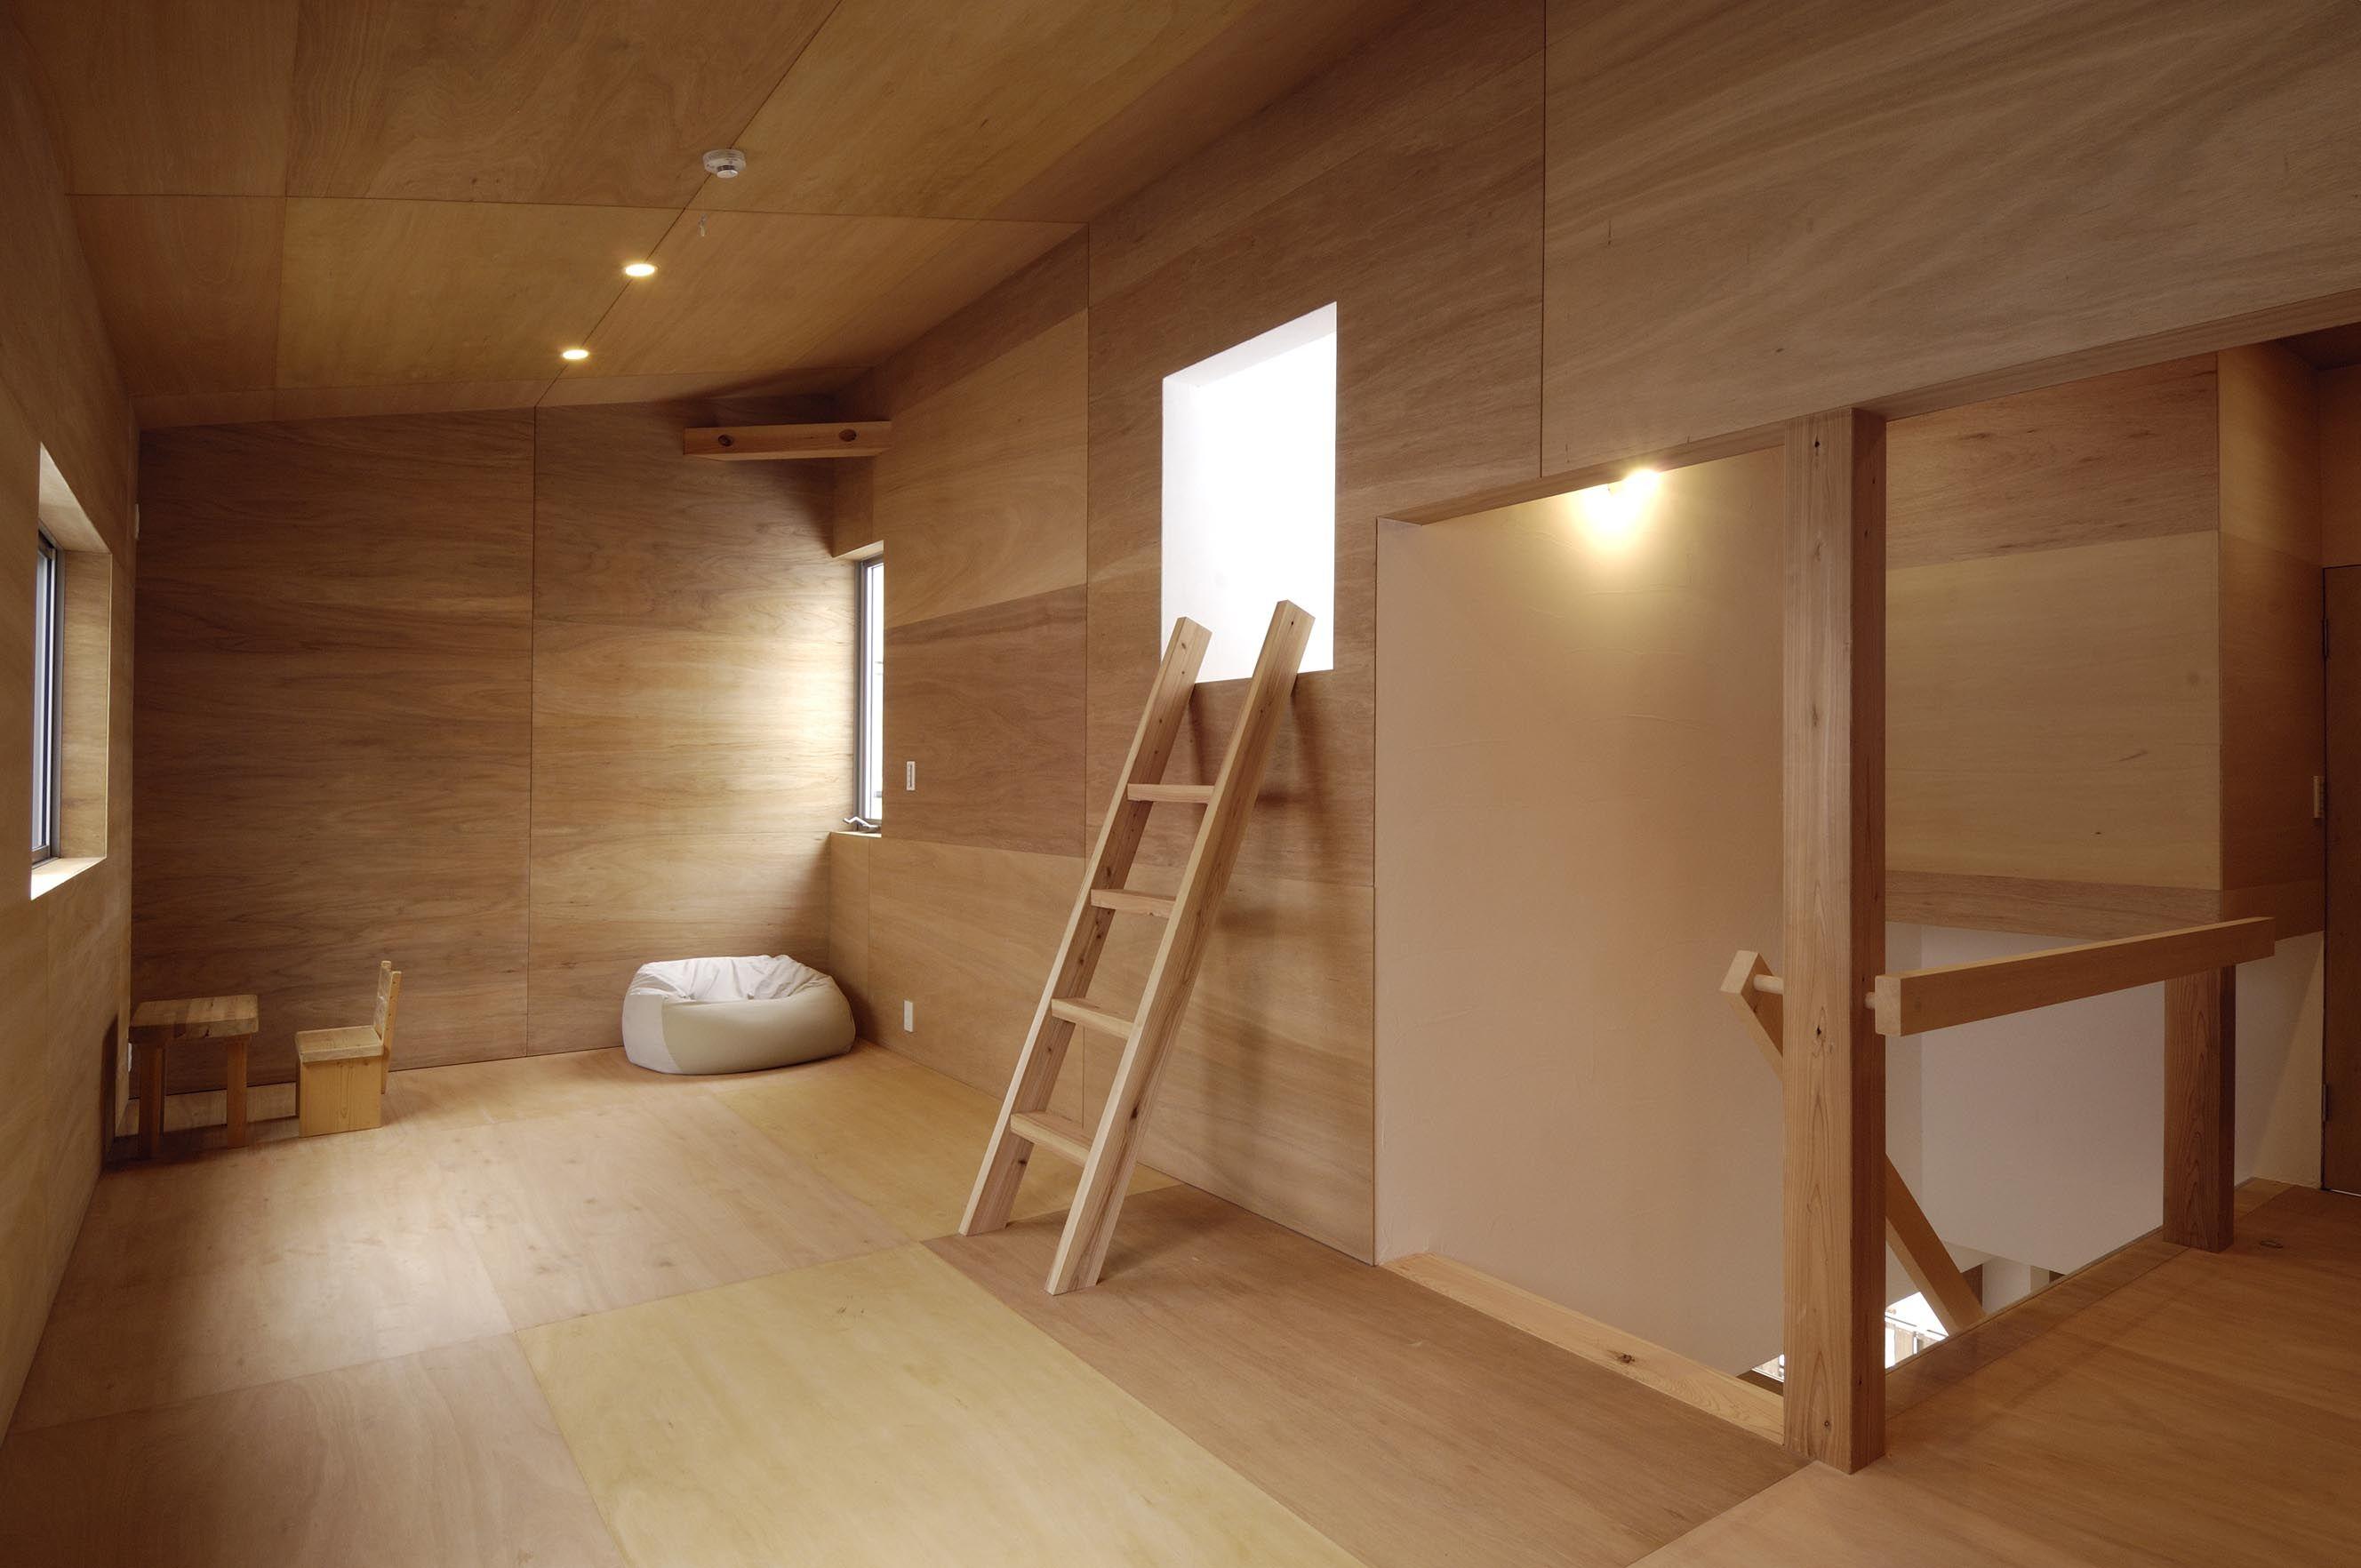 ラワン合板の仕上げ 日本のインテリアデザイン ラワン 和のインテリア